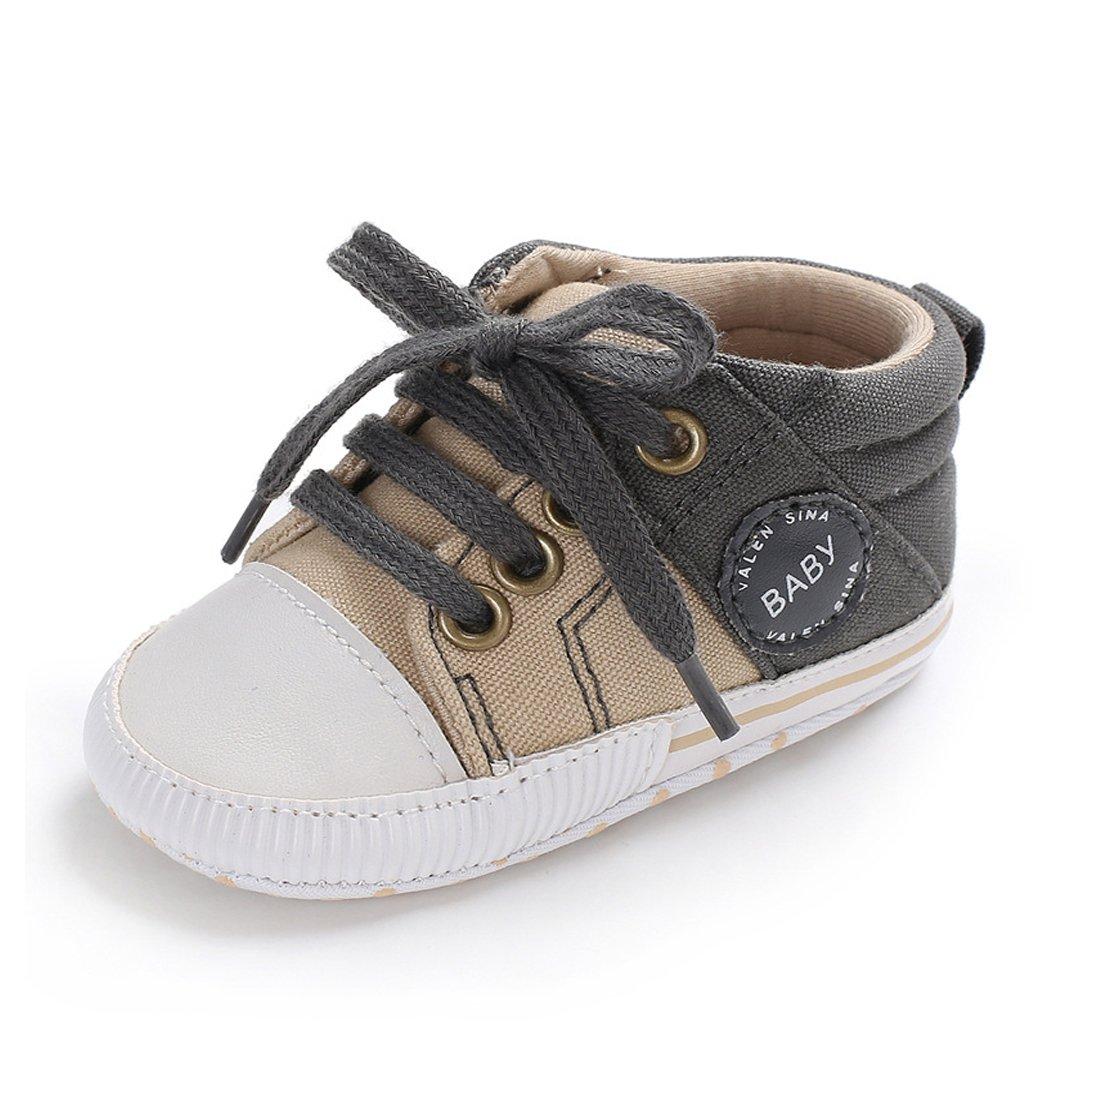 Babycute Chaussures pour nouveau-nés et bébés, unisexes, semelle souple, antidérapantes, en toile,...